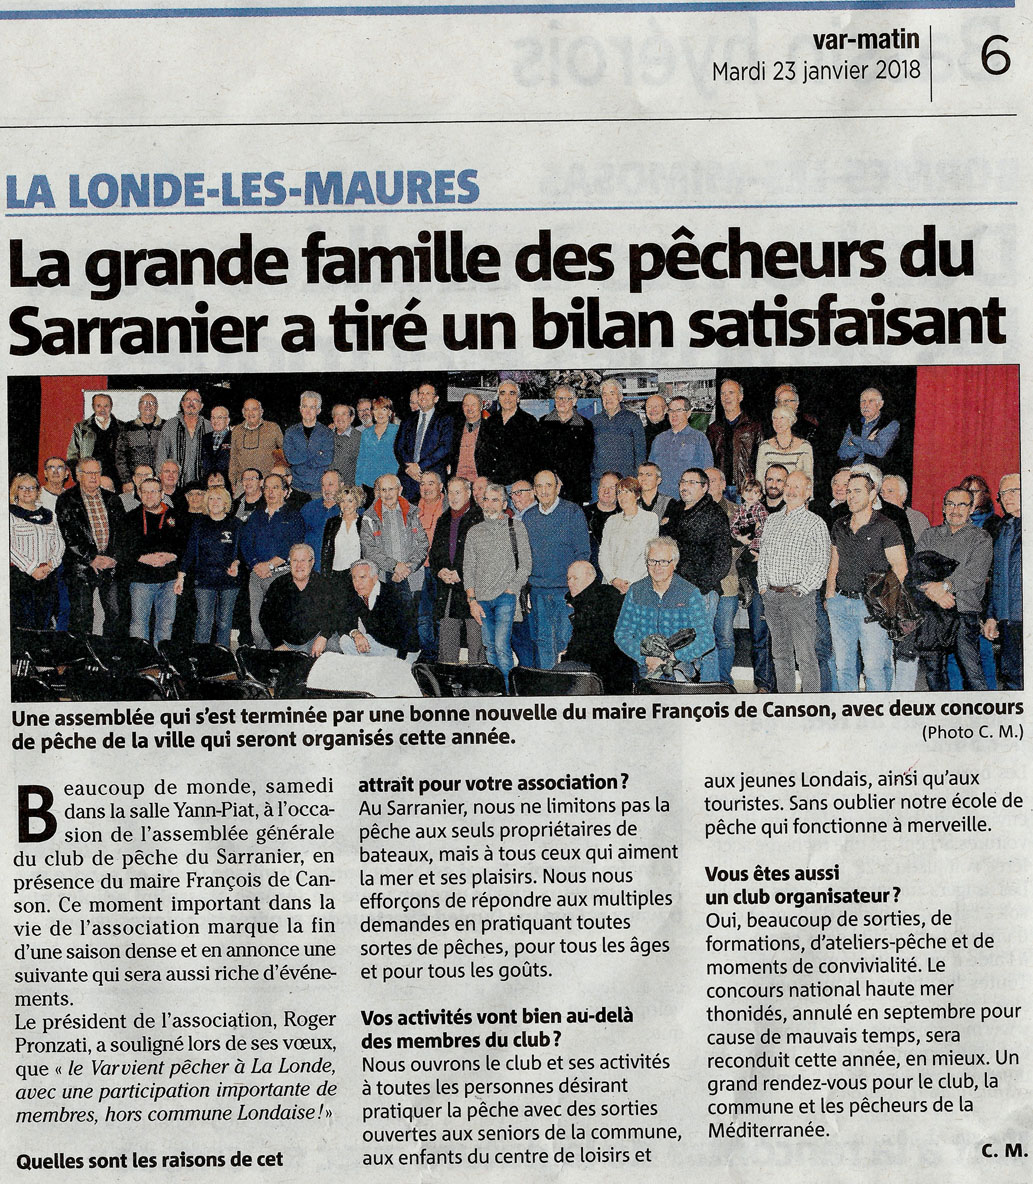 2018 - 01 - 23 - Article de Var matin